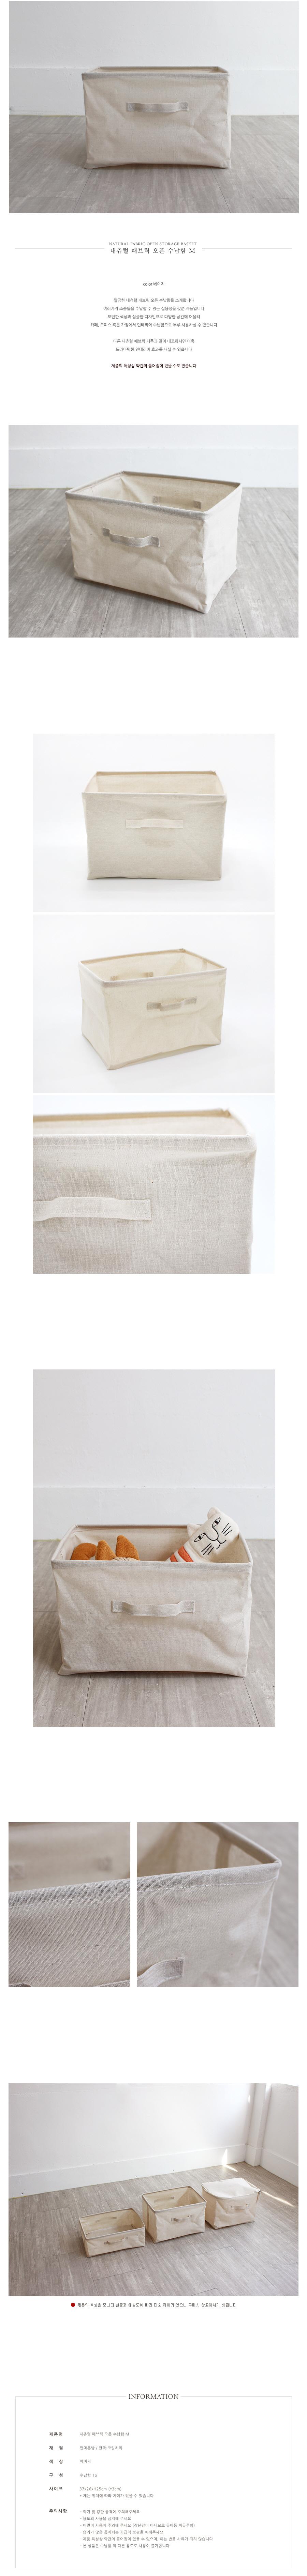 내츄럴 패브릭 오픈 수납함 M - 홈앳, 11,500원, 정리/리빙박스, 부직포 리빙박스